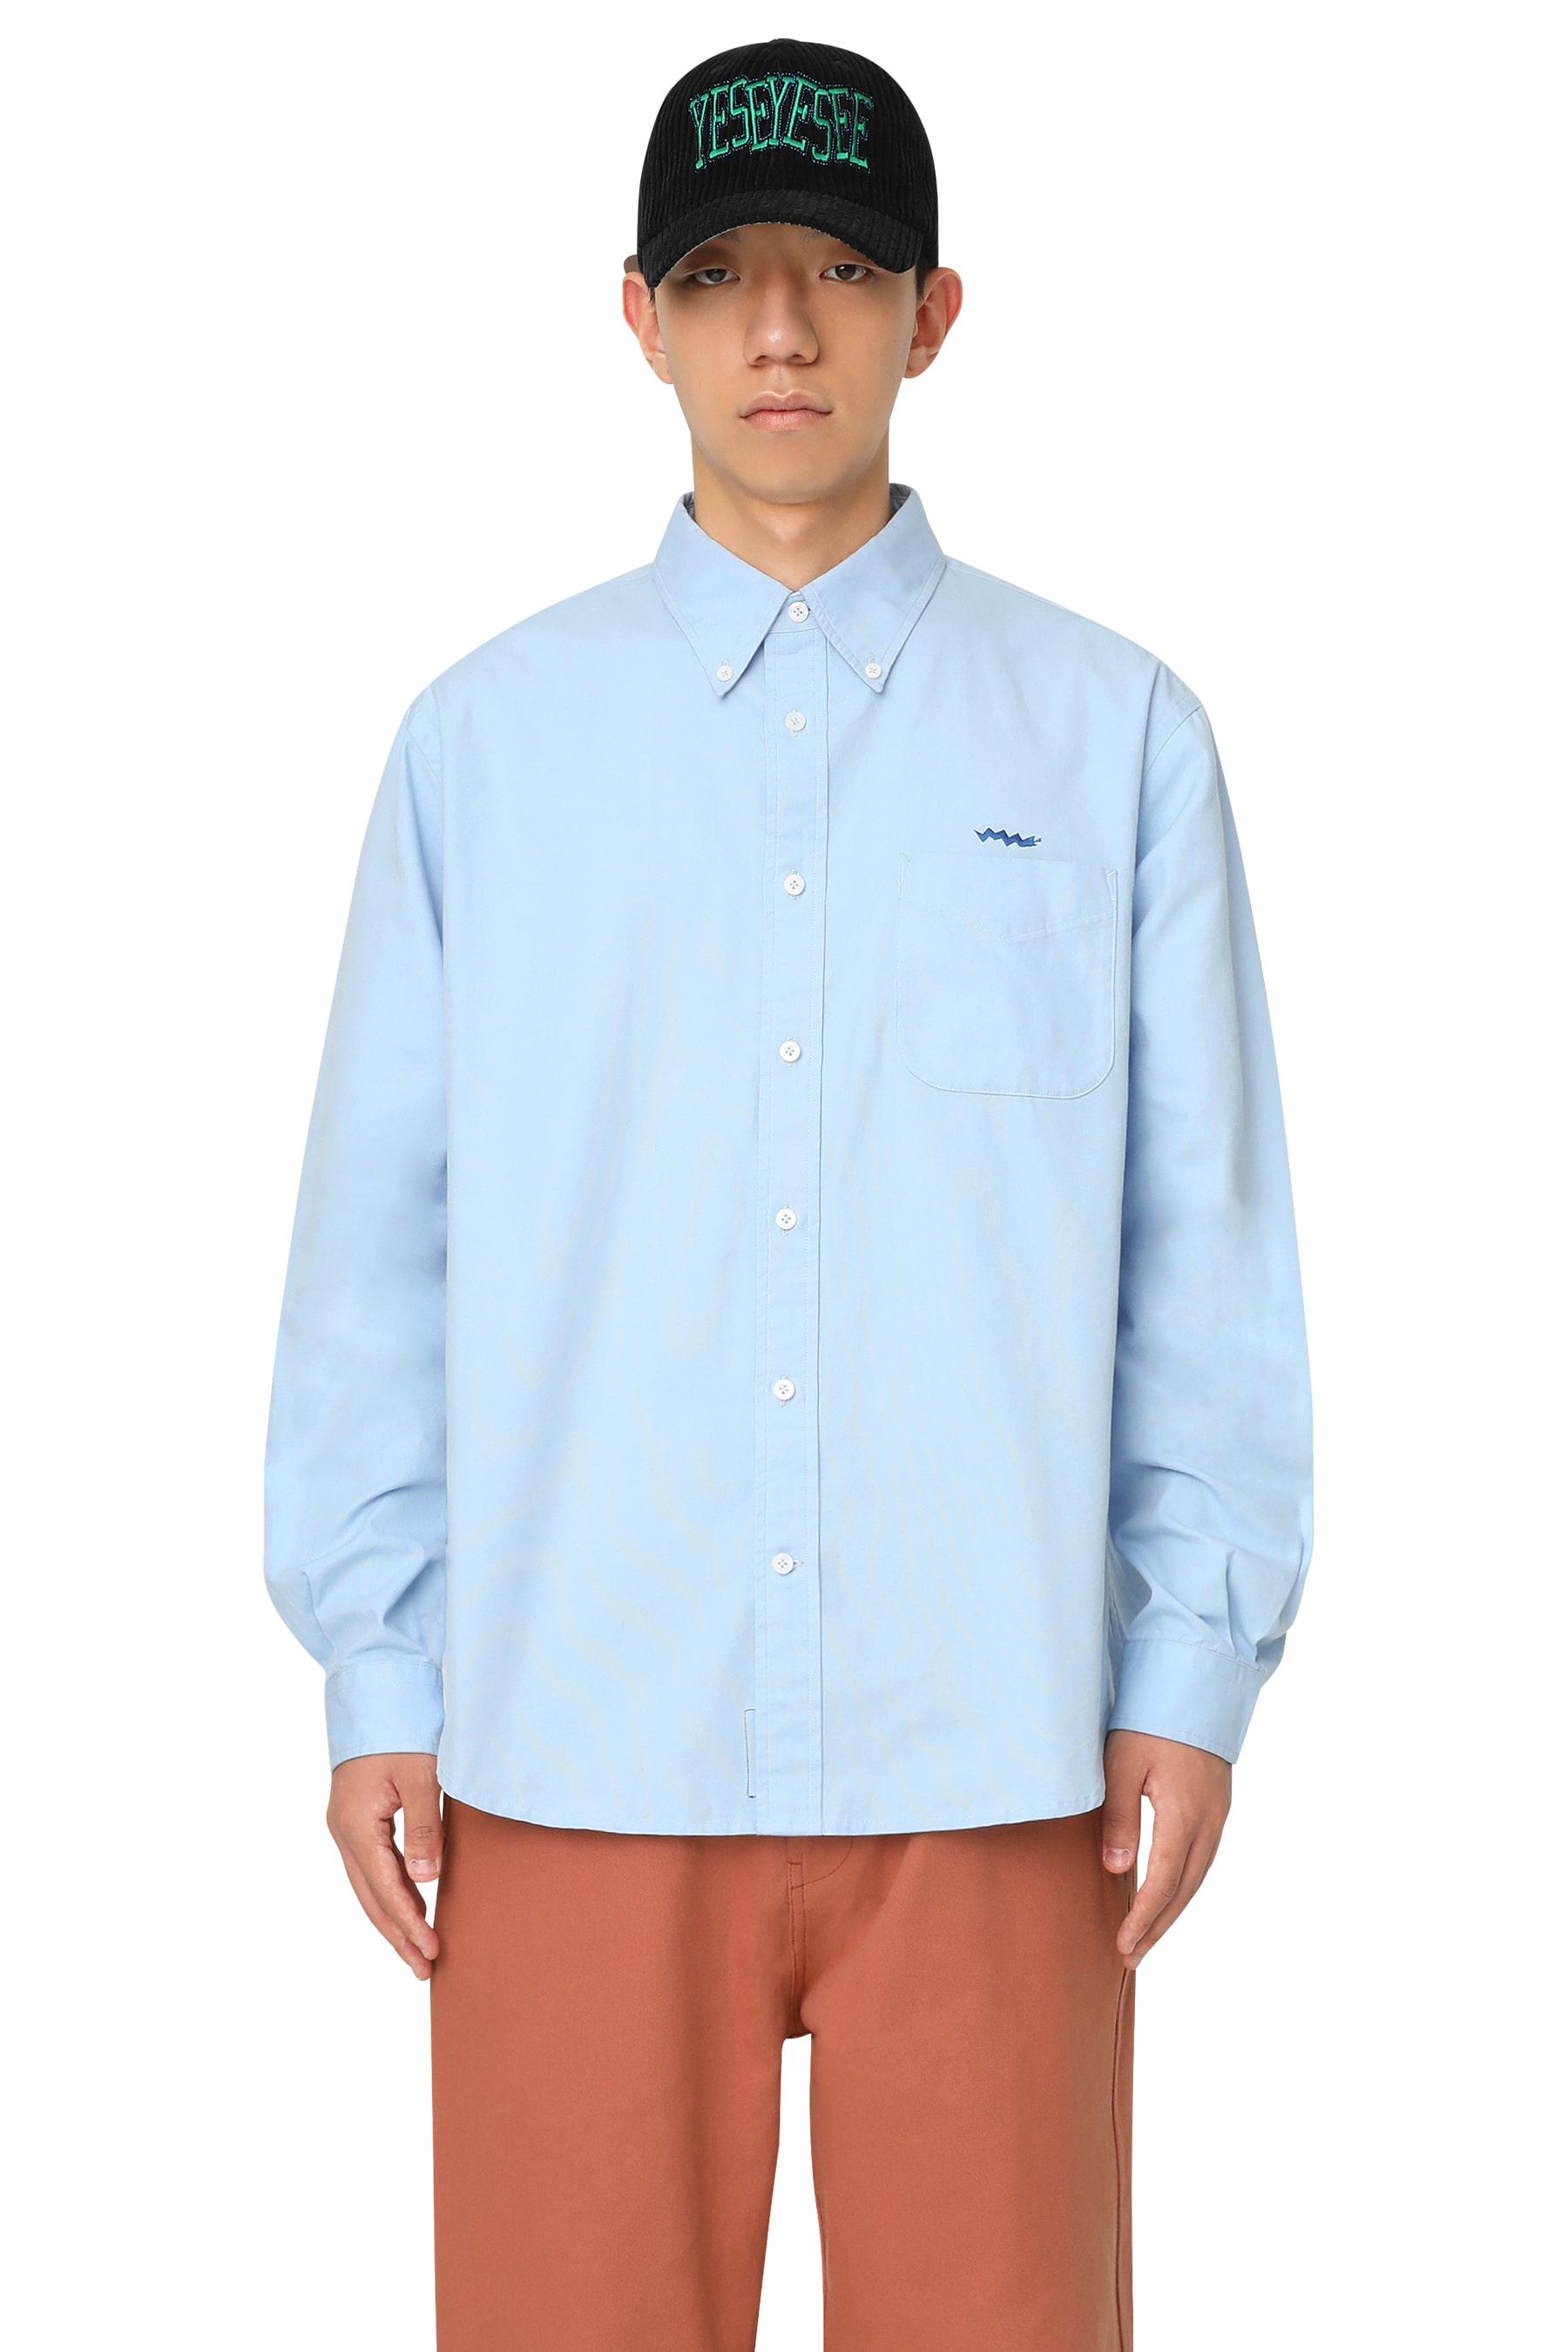 Y.E.S B-D Regular Shirt Light Blue